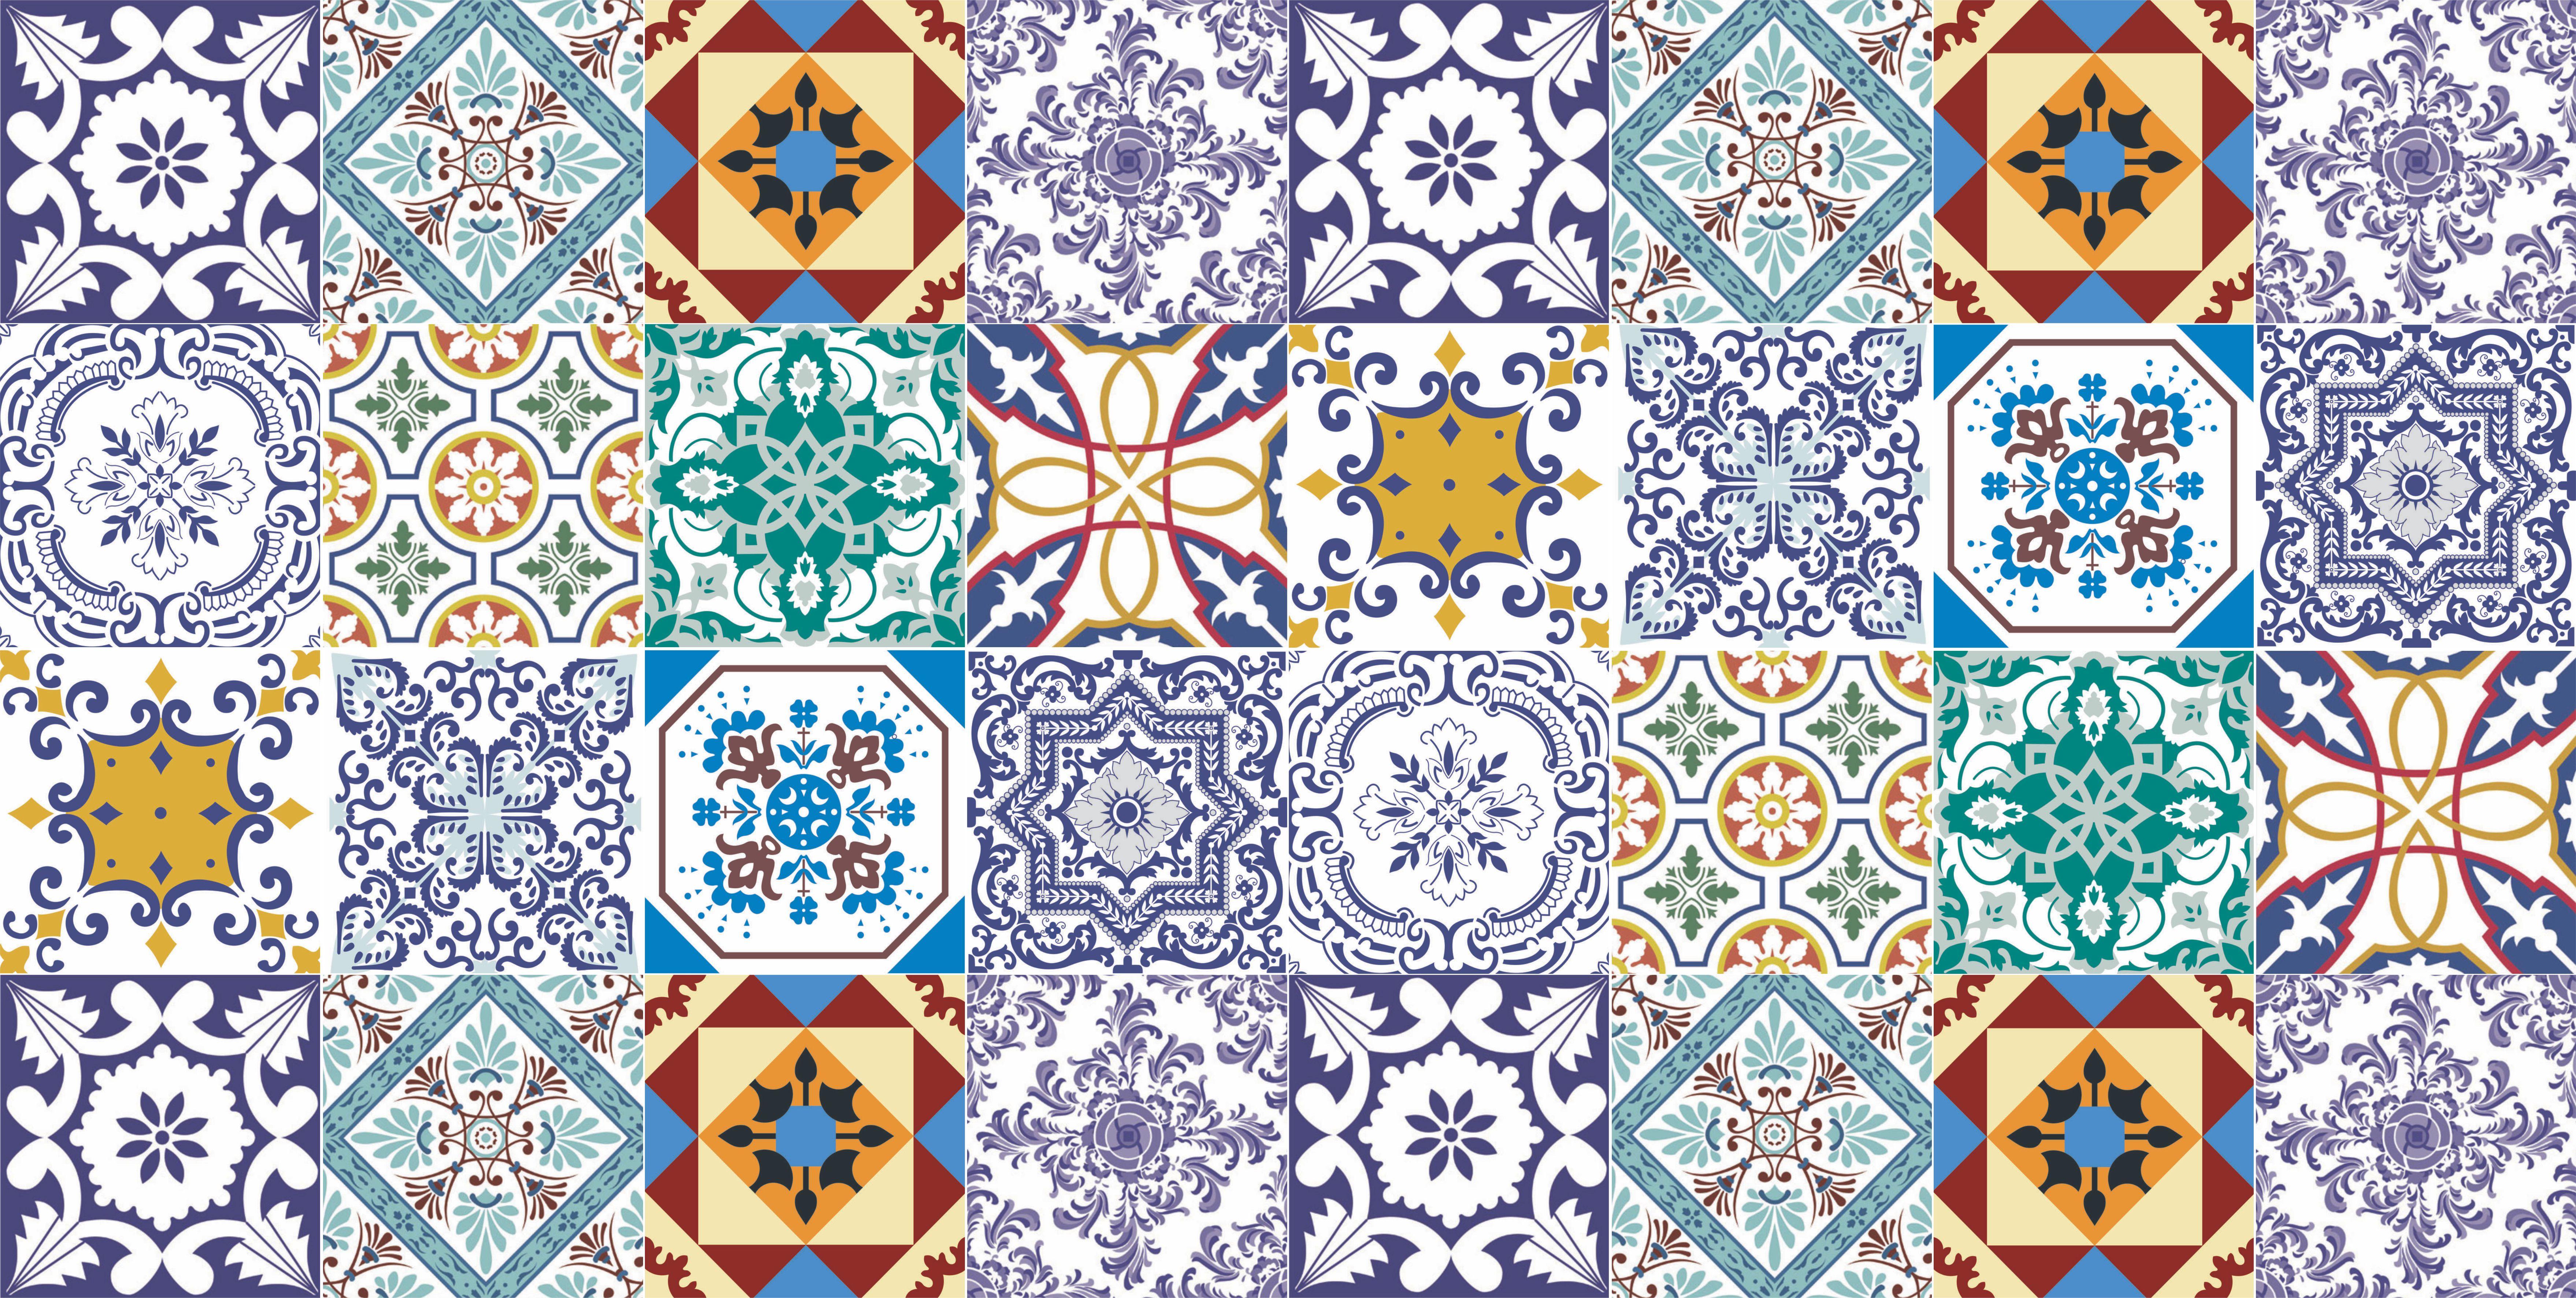 adesivo de parede azulejos 15 papel de parede #2671A5 7034x3544 Banheiro Com Azulejo E Papel De Parede